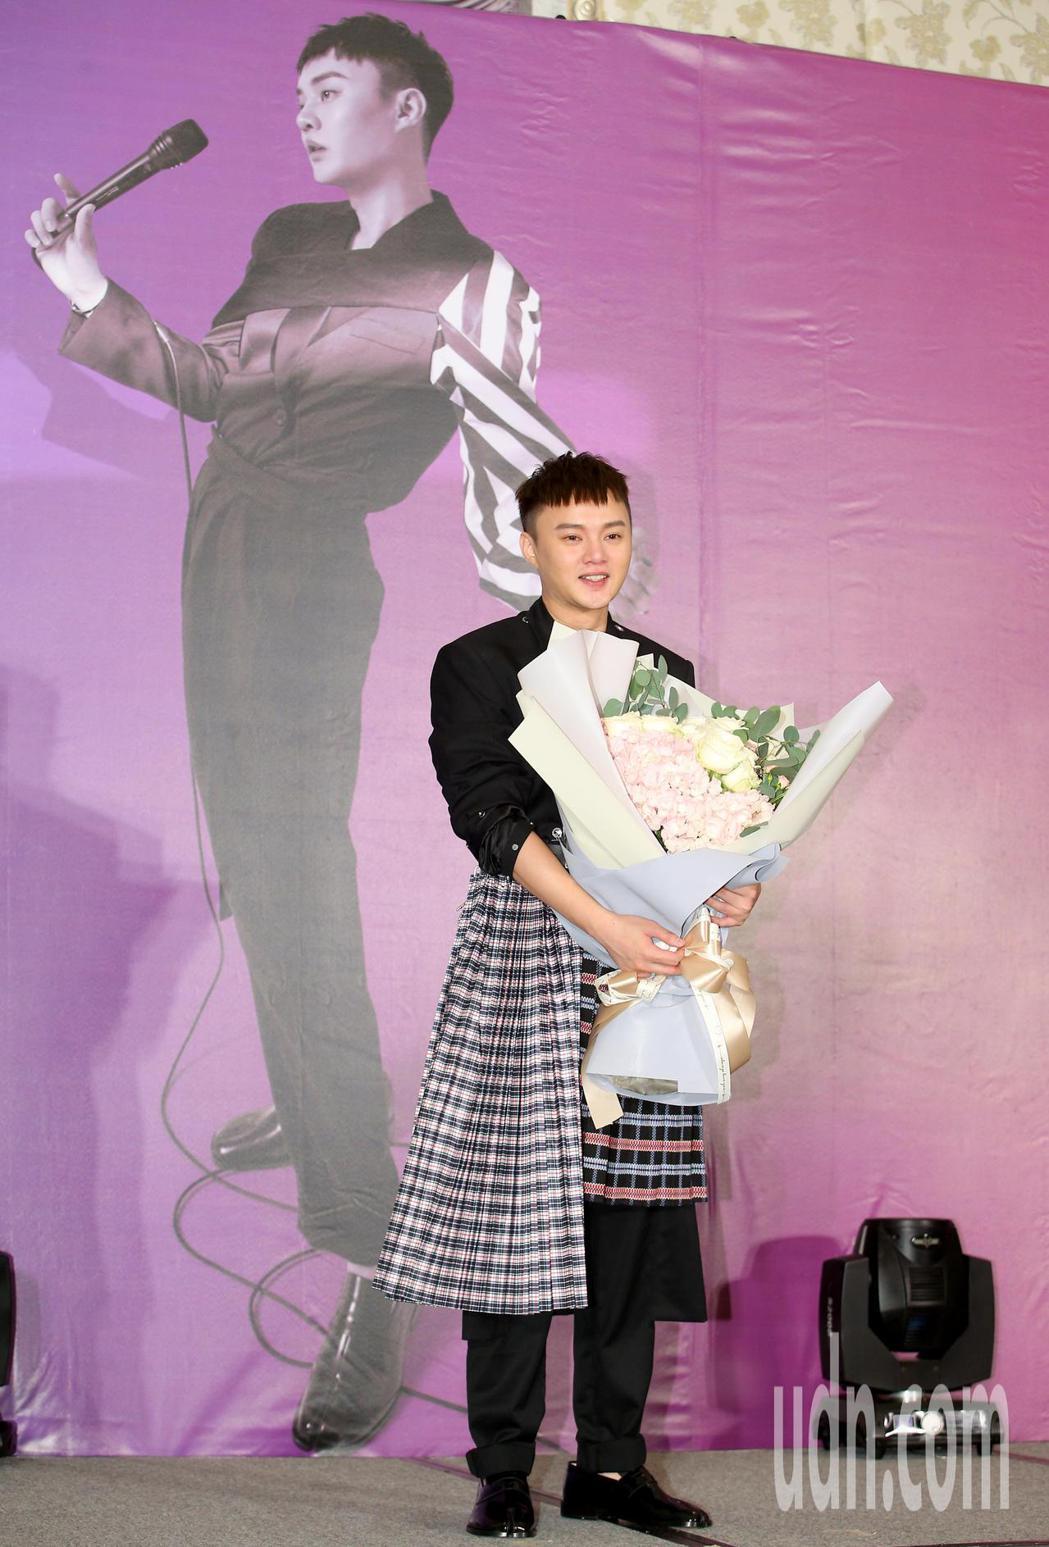 台語小天王許富凱明年2月20日將在台北小巨蛋舉辦演唱會,今天舉辦「拾歌」演唱會暨...